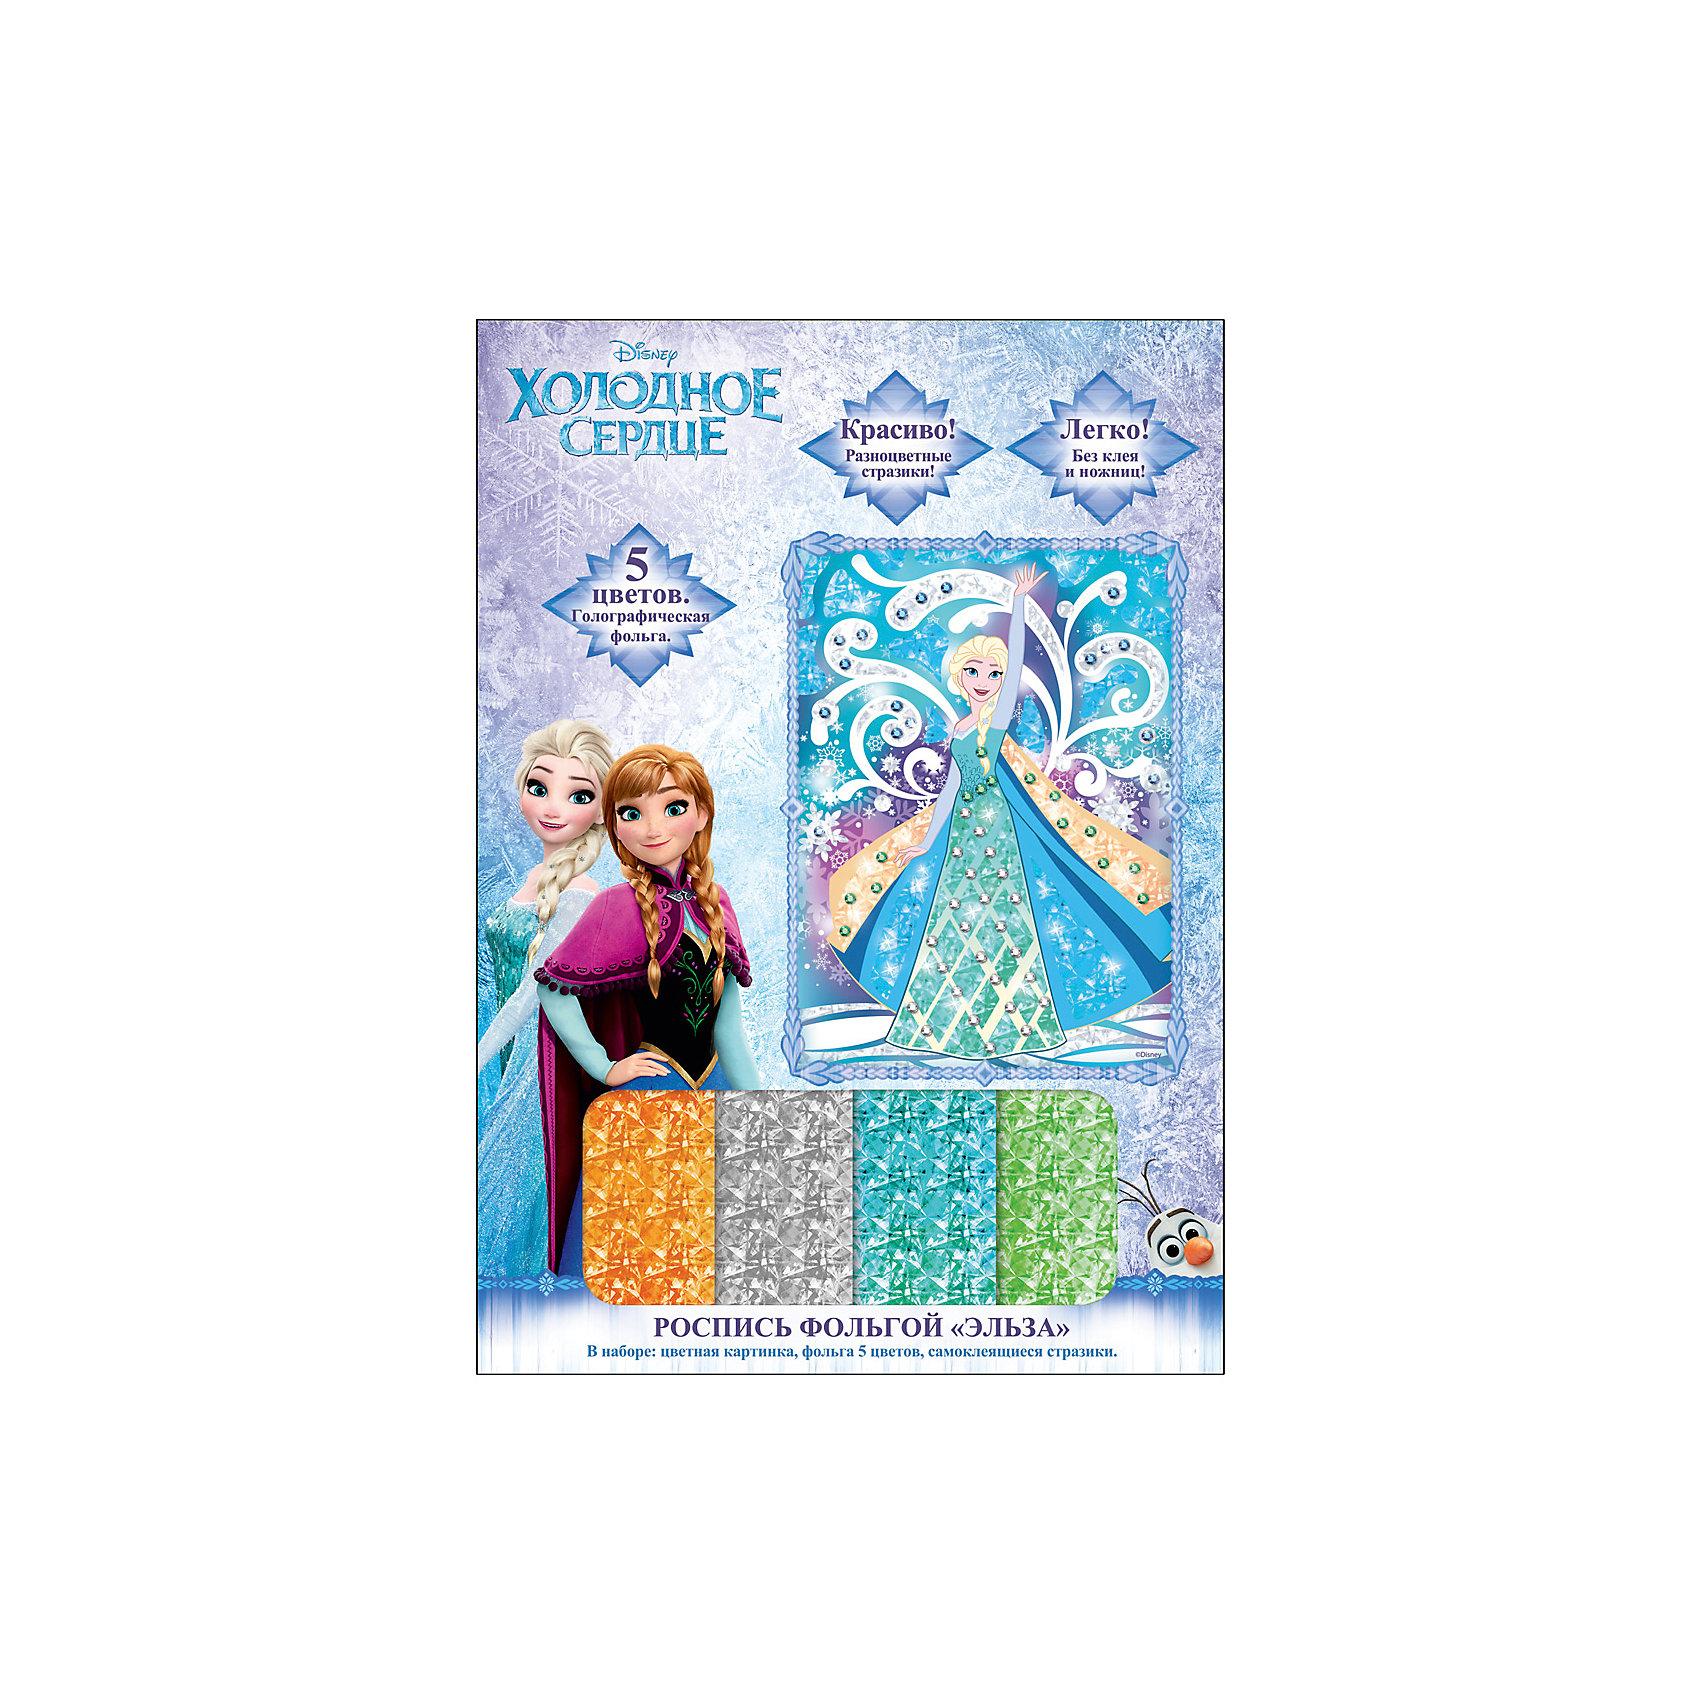 Роспись фольгой Эльза Принцессы DisneyХолодное Сердце Товары для творчества<br>Характеристики товара:<br><br>• возраст: от 3 лет<br>• комплектация: цветная картонная картинка, 5 цветов голографической фольги, самоклеящиеся стразы<br>• размер картинки: 25х18 см<br>• не требует специальных навыков<br>• состав: картон, пластик<br>• страна бренда: Россия<br>• страна изготовитель: Китай<br><br>Перед началом росписи рассмотрите картинку: элементы для раскрашивания обозначены белым цветом. Выберите деталь (начинайте с крупных фрагментов), снимите с нее защитный слой и приложите цветную фольгу оборотной стороной к клеевому слою картинки, хорошо потрите ее палочкой или тыльной стороной карандаша, а затем снимите фольгу: блестящий слой с ее основы перейдет на бумагу.<br><br>Роспись фольгой Эльза Принцессы Disney, вы можете приобрести в нашем интернет-магазине.<br><br>Ширина мм: 295<br>Глубина мм: 210<br>Высота мм: 20<br>Вес г: 70<br>Возраст от месяцев: 36<br>Возраст до месяцев: 2147483647<br>Пол: Женский<br>Возраст: Детский<br>SKU: 5453424